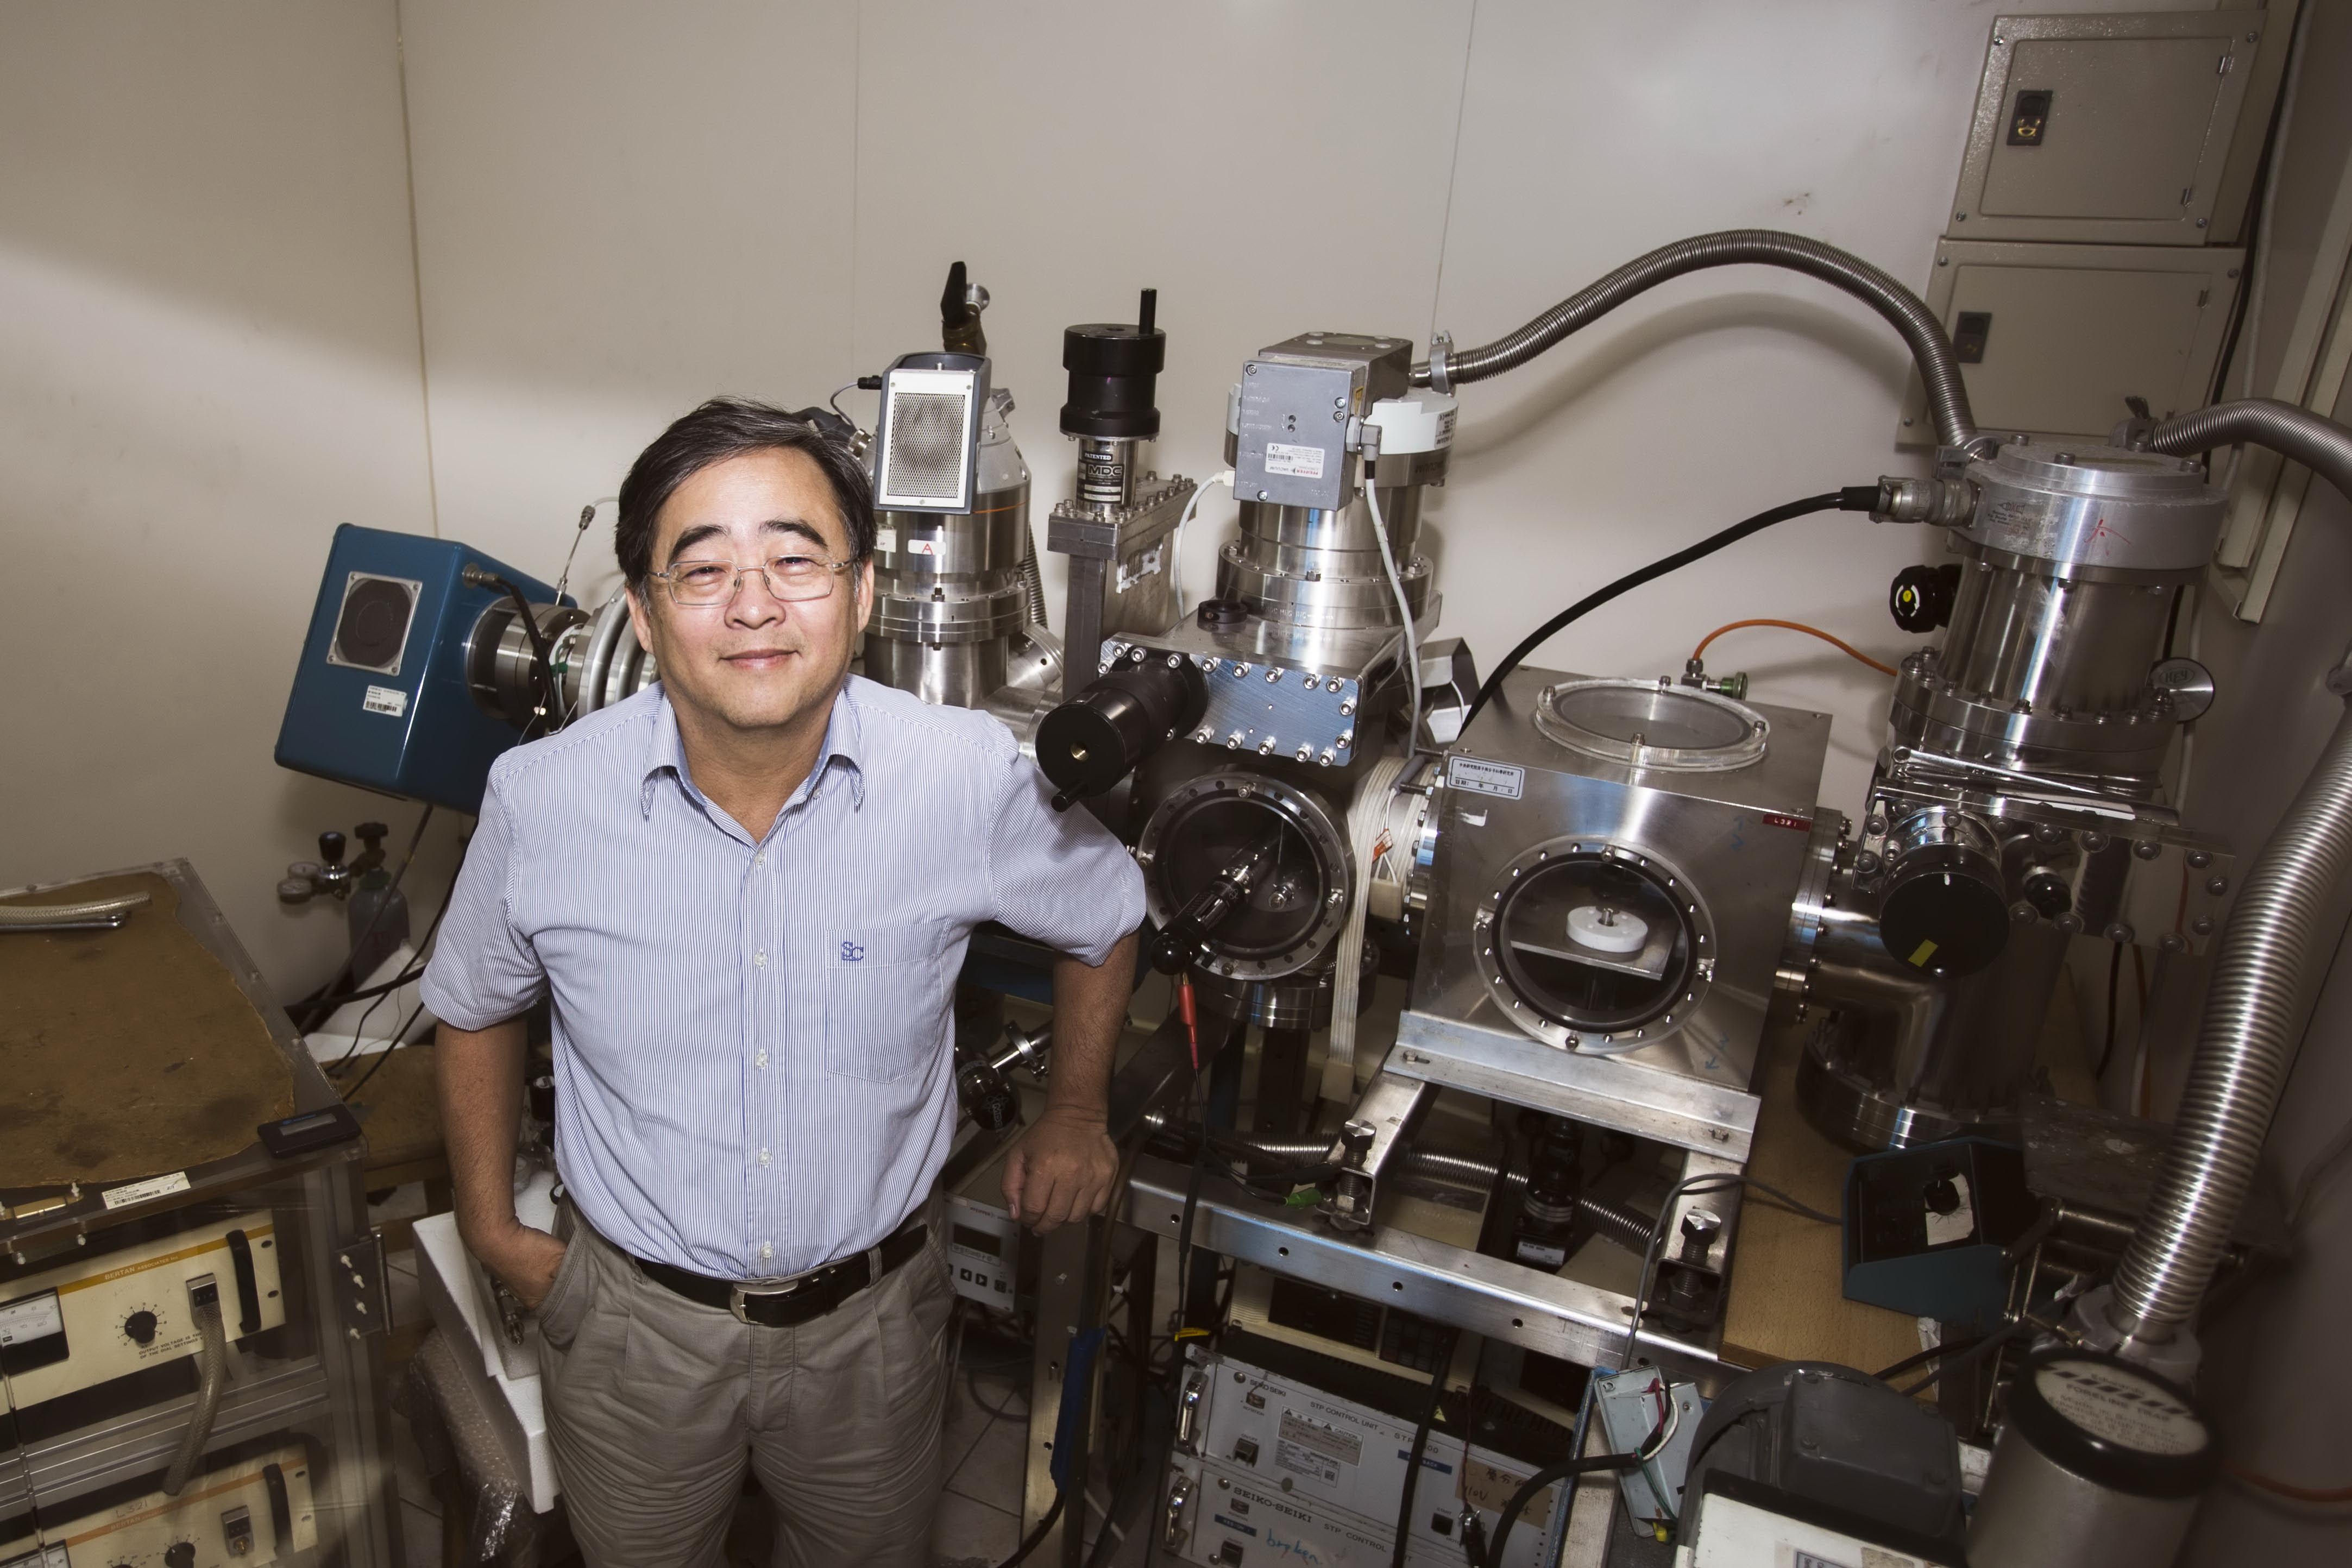 張煥正老師研究團隊自製之小型離子加速器,用於生產螢光奈米鑽石(取自中央研究院《研之有物》)